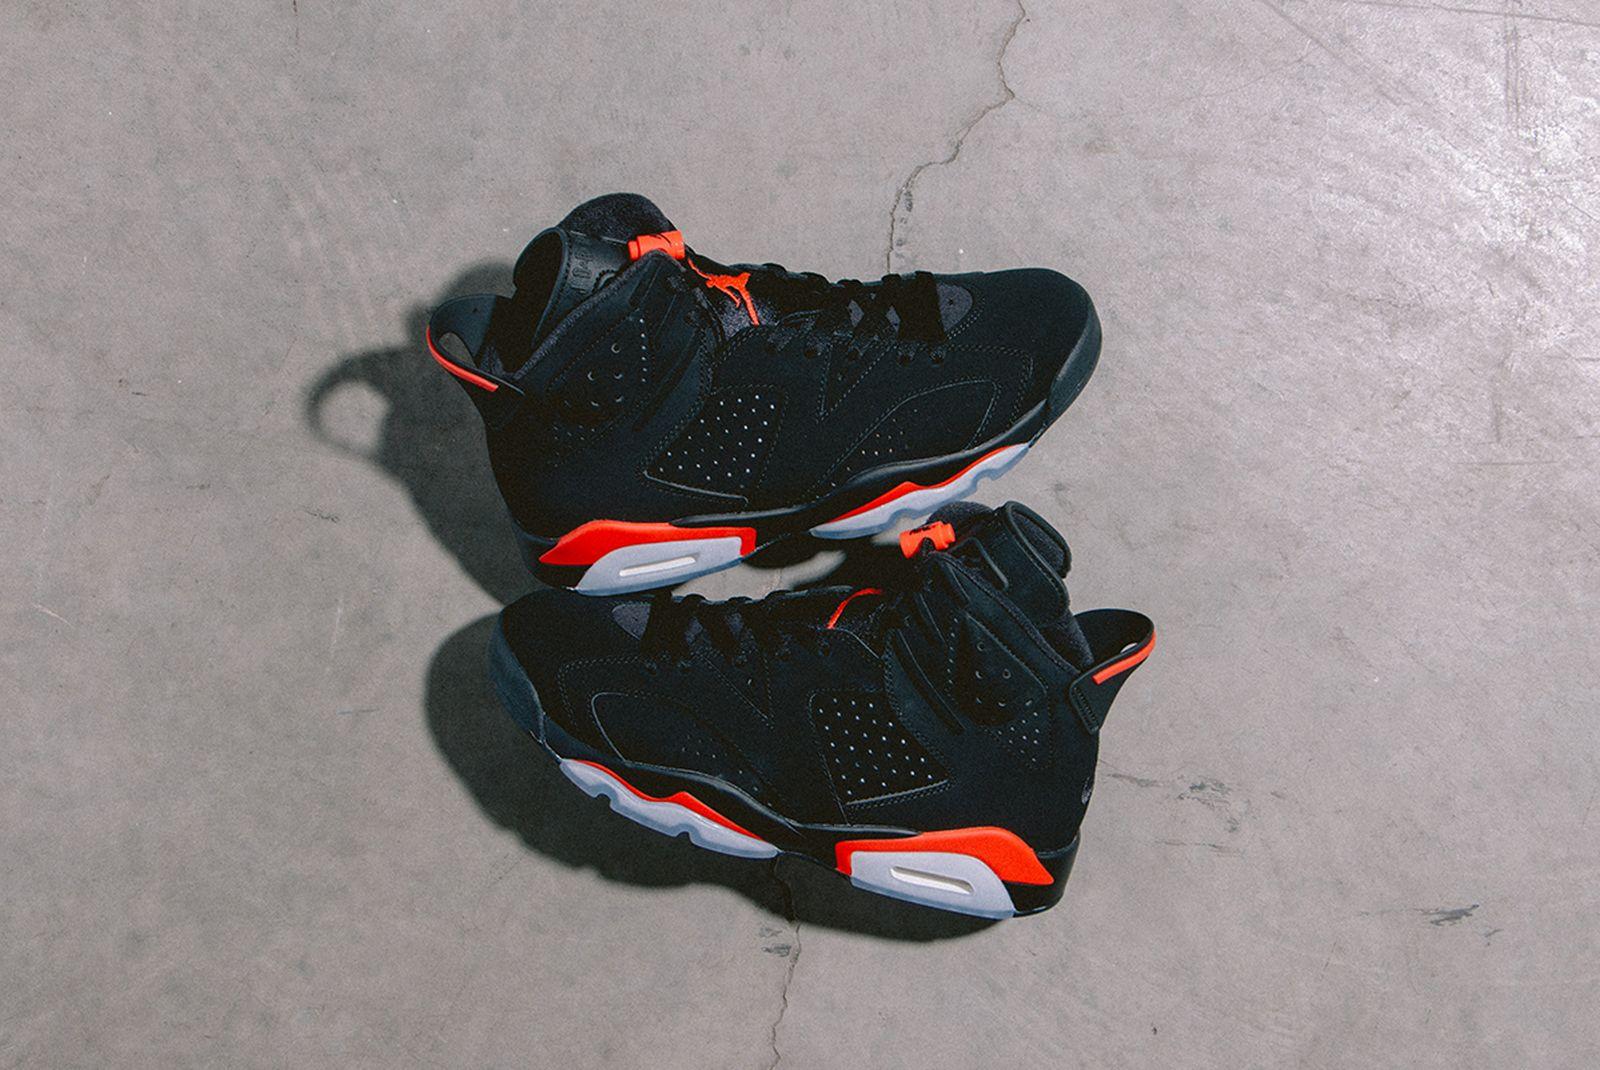 best jordan sneakers 2019 Cactus Jack Nike Travis Scott